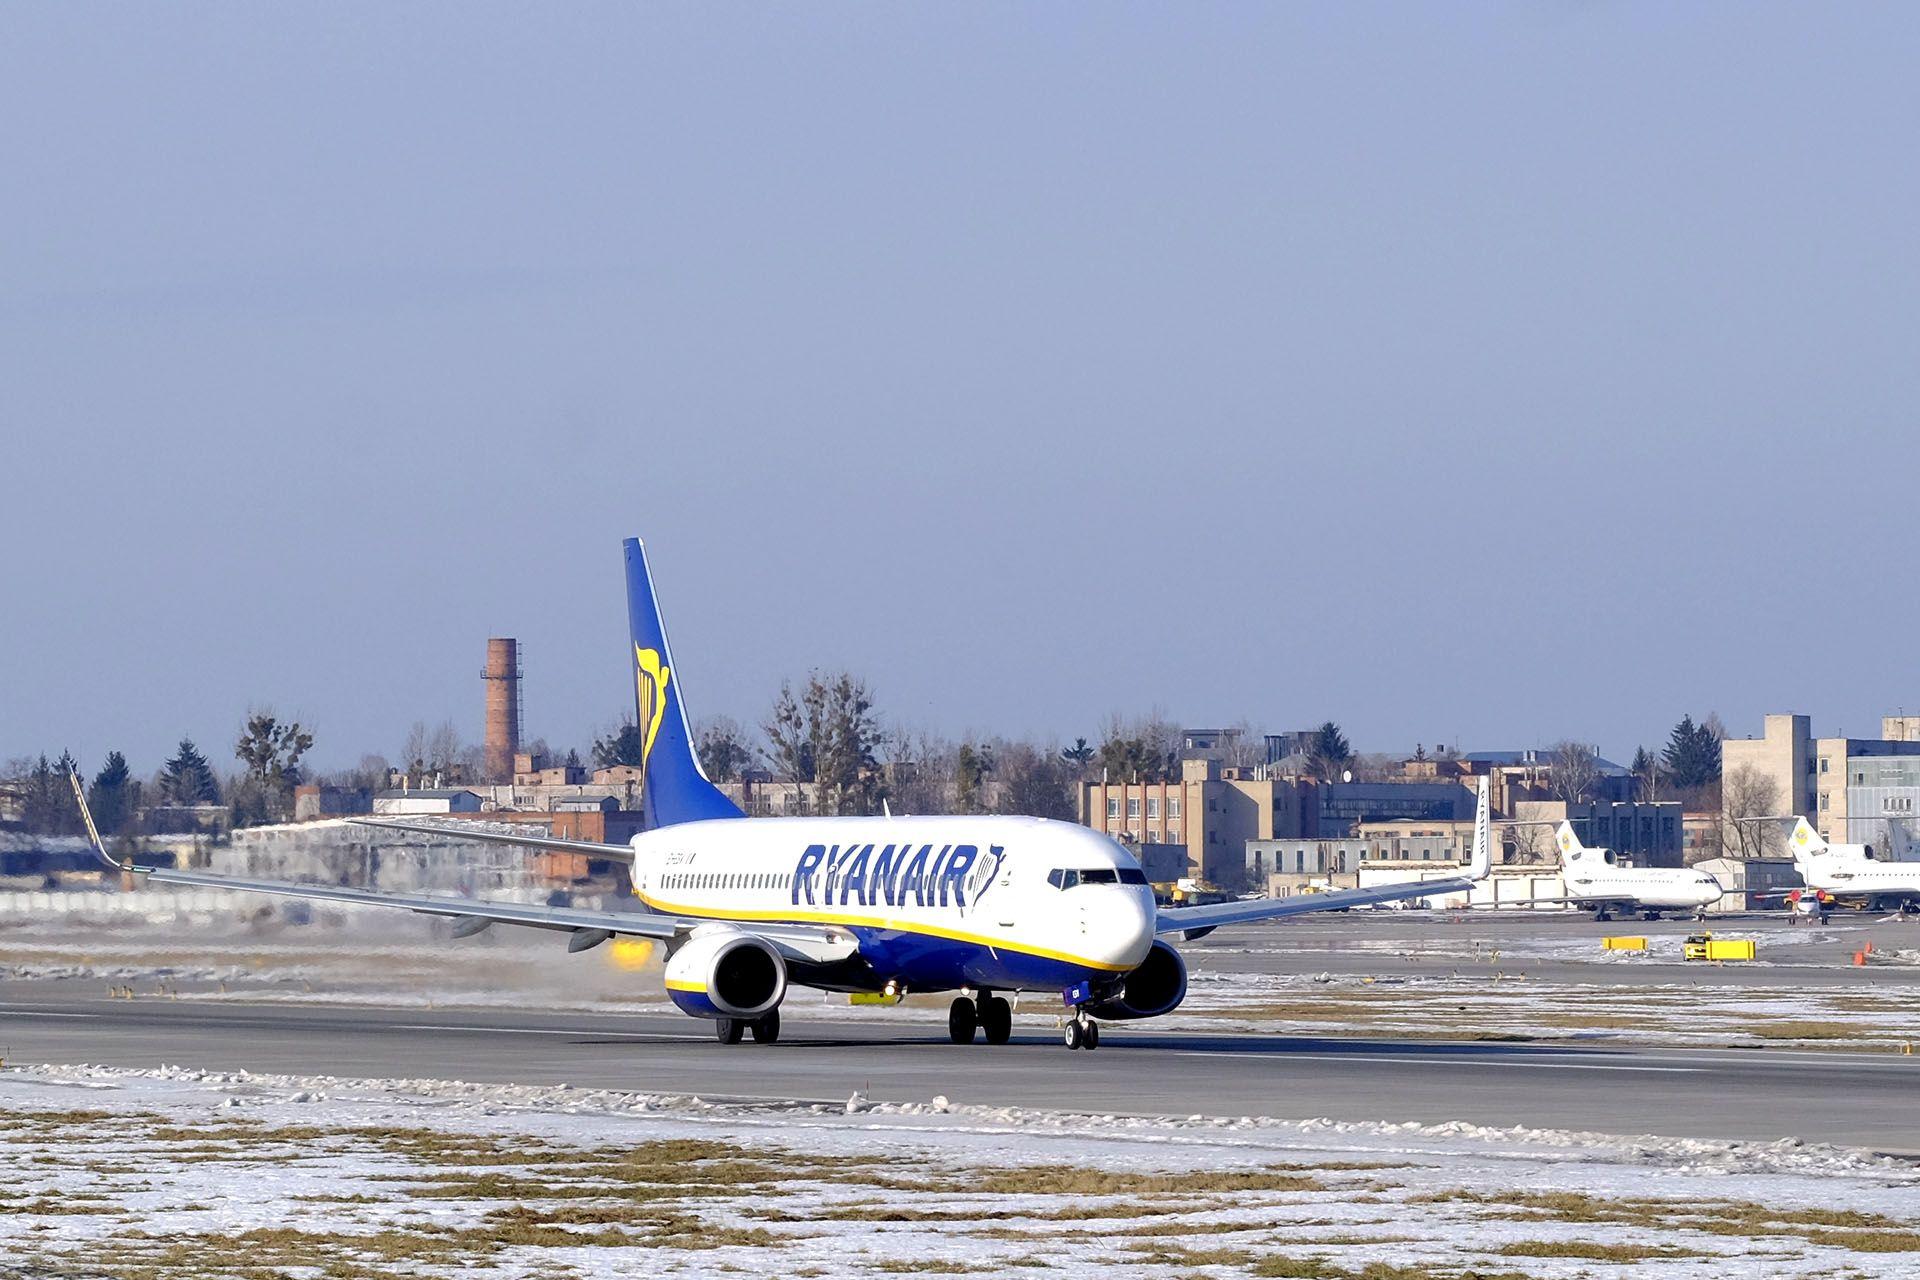 Літак, який зводить вниз по злітно-посадкової смуги